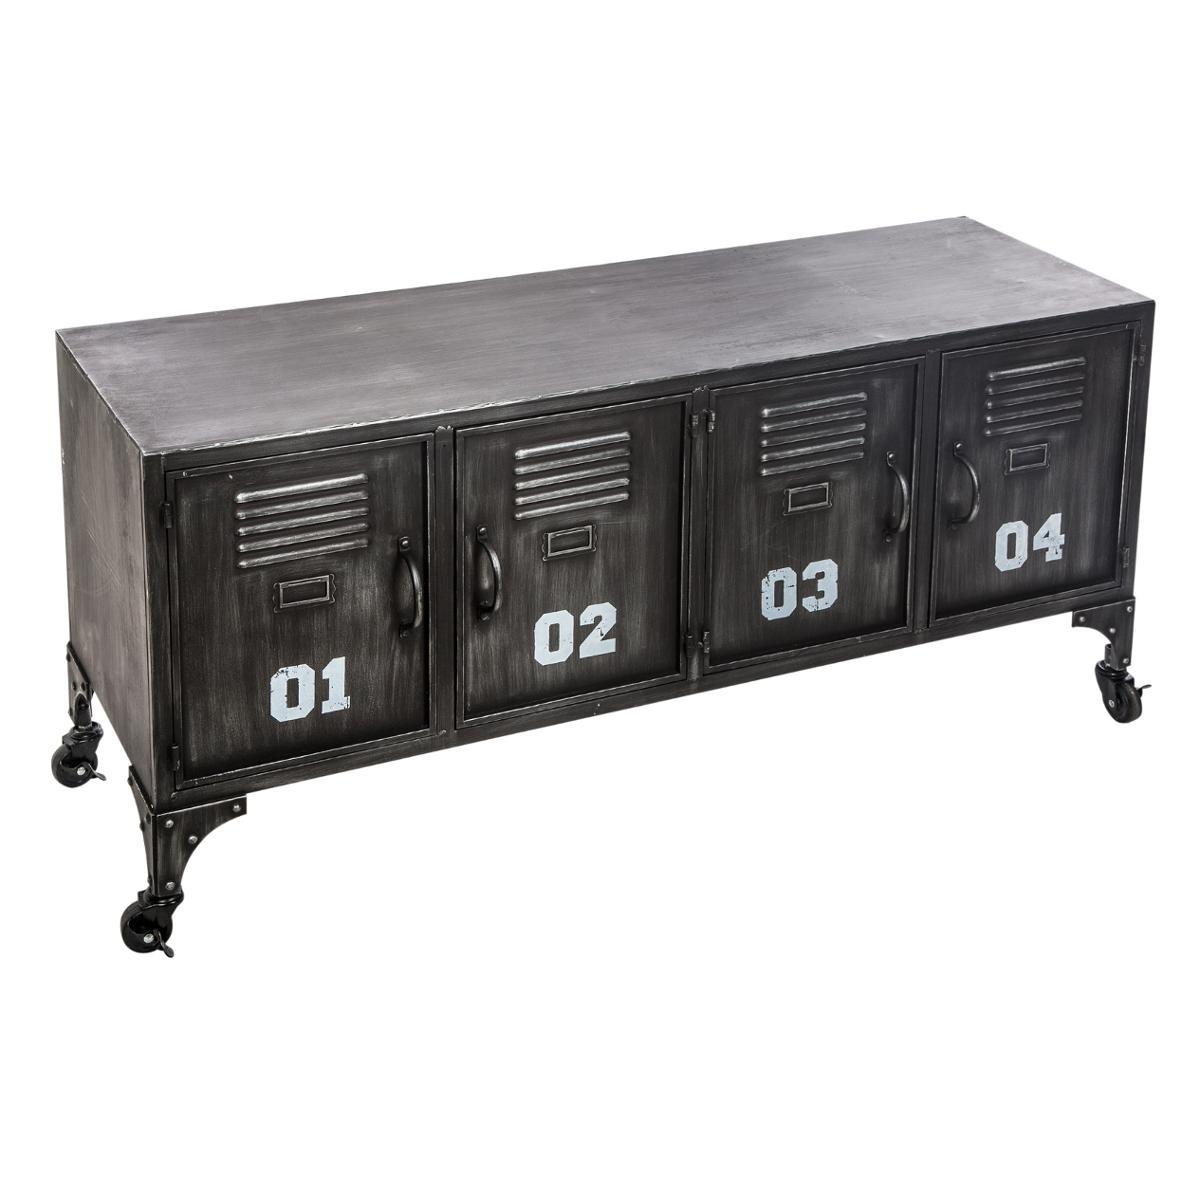 meuble rangement bas metal noir 4 portes ref 30022127